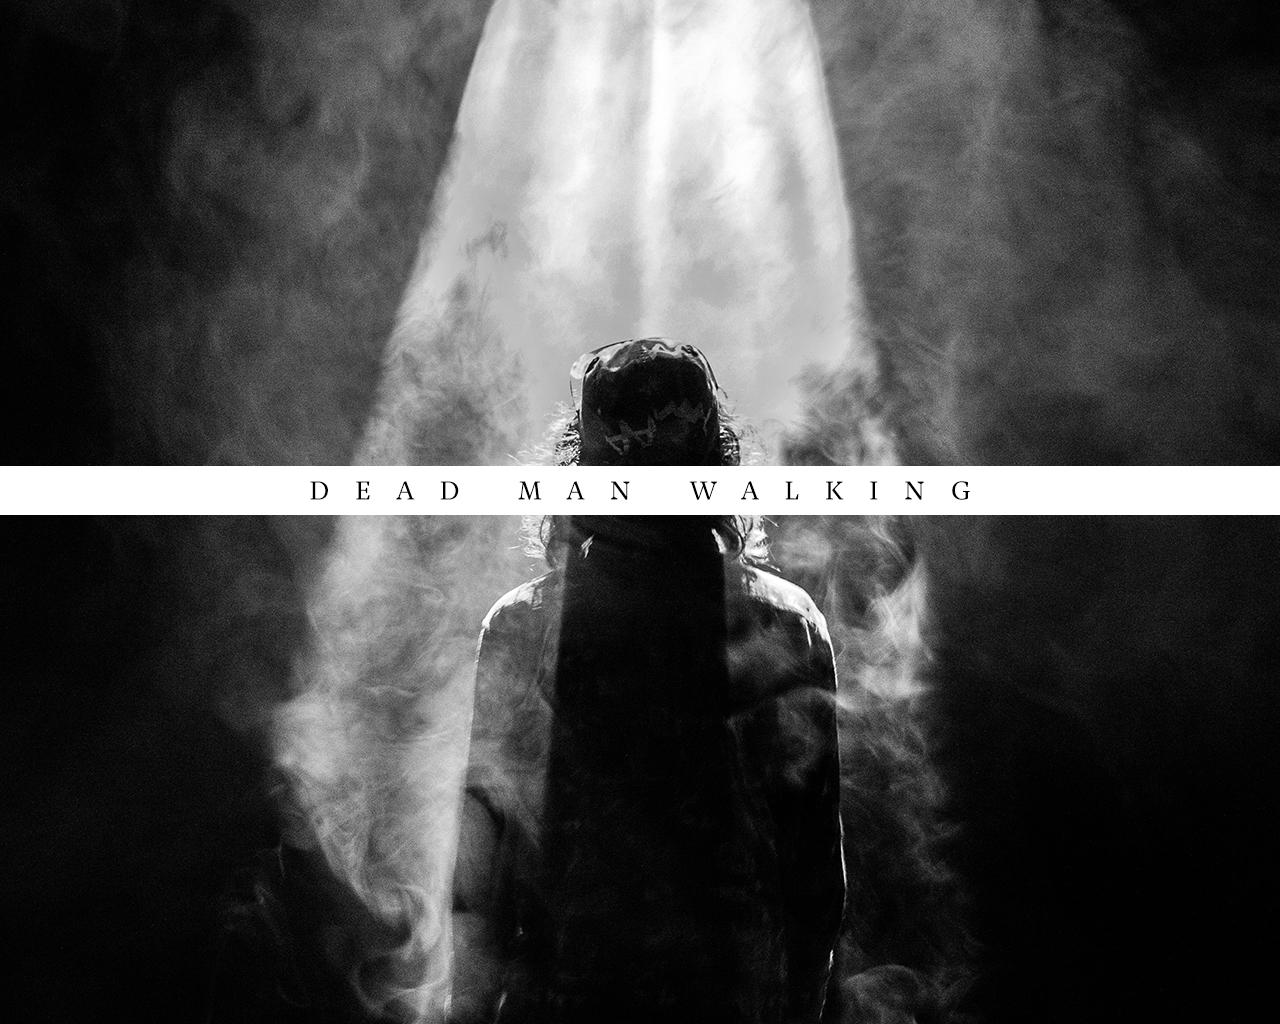 DeadManWalking.jpg